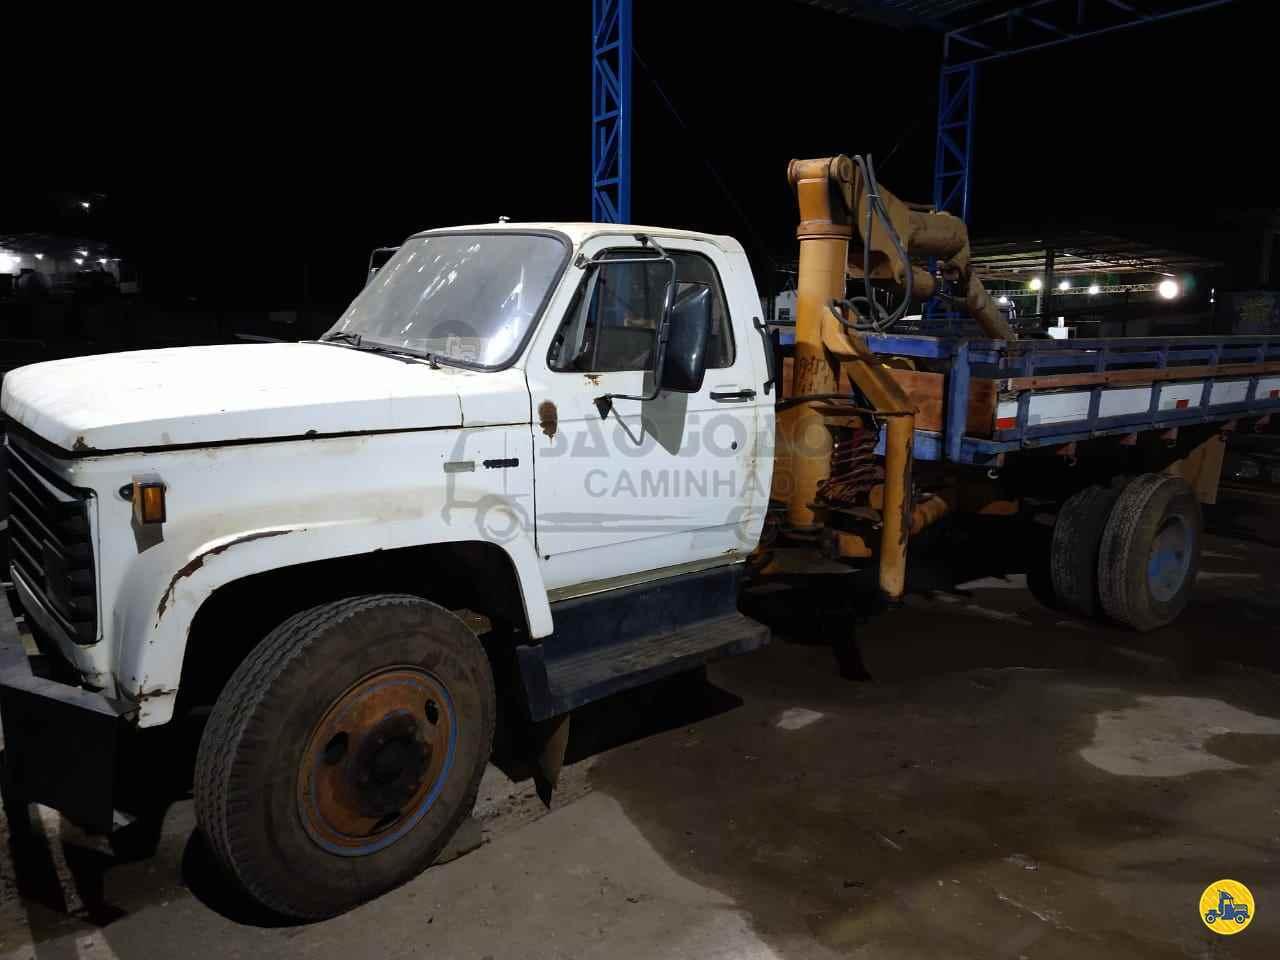 CAMINHAO GM D11000 Guincho Munck Toco 4x2 São João Caminhão SAO JOAO DA BOA VISTA SÃO PAULO SP